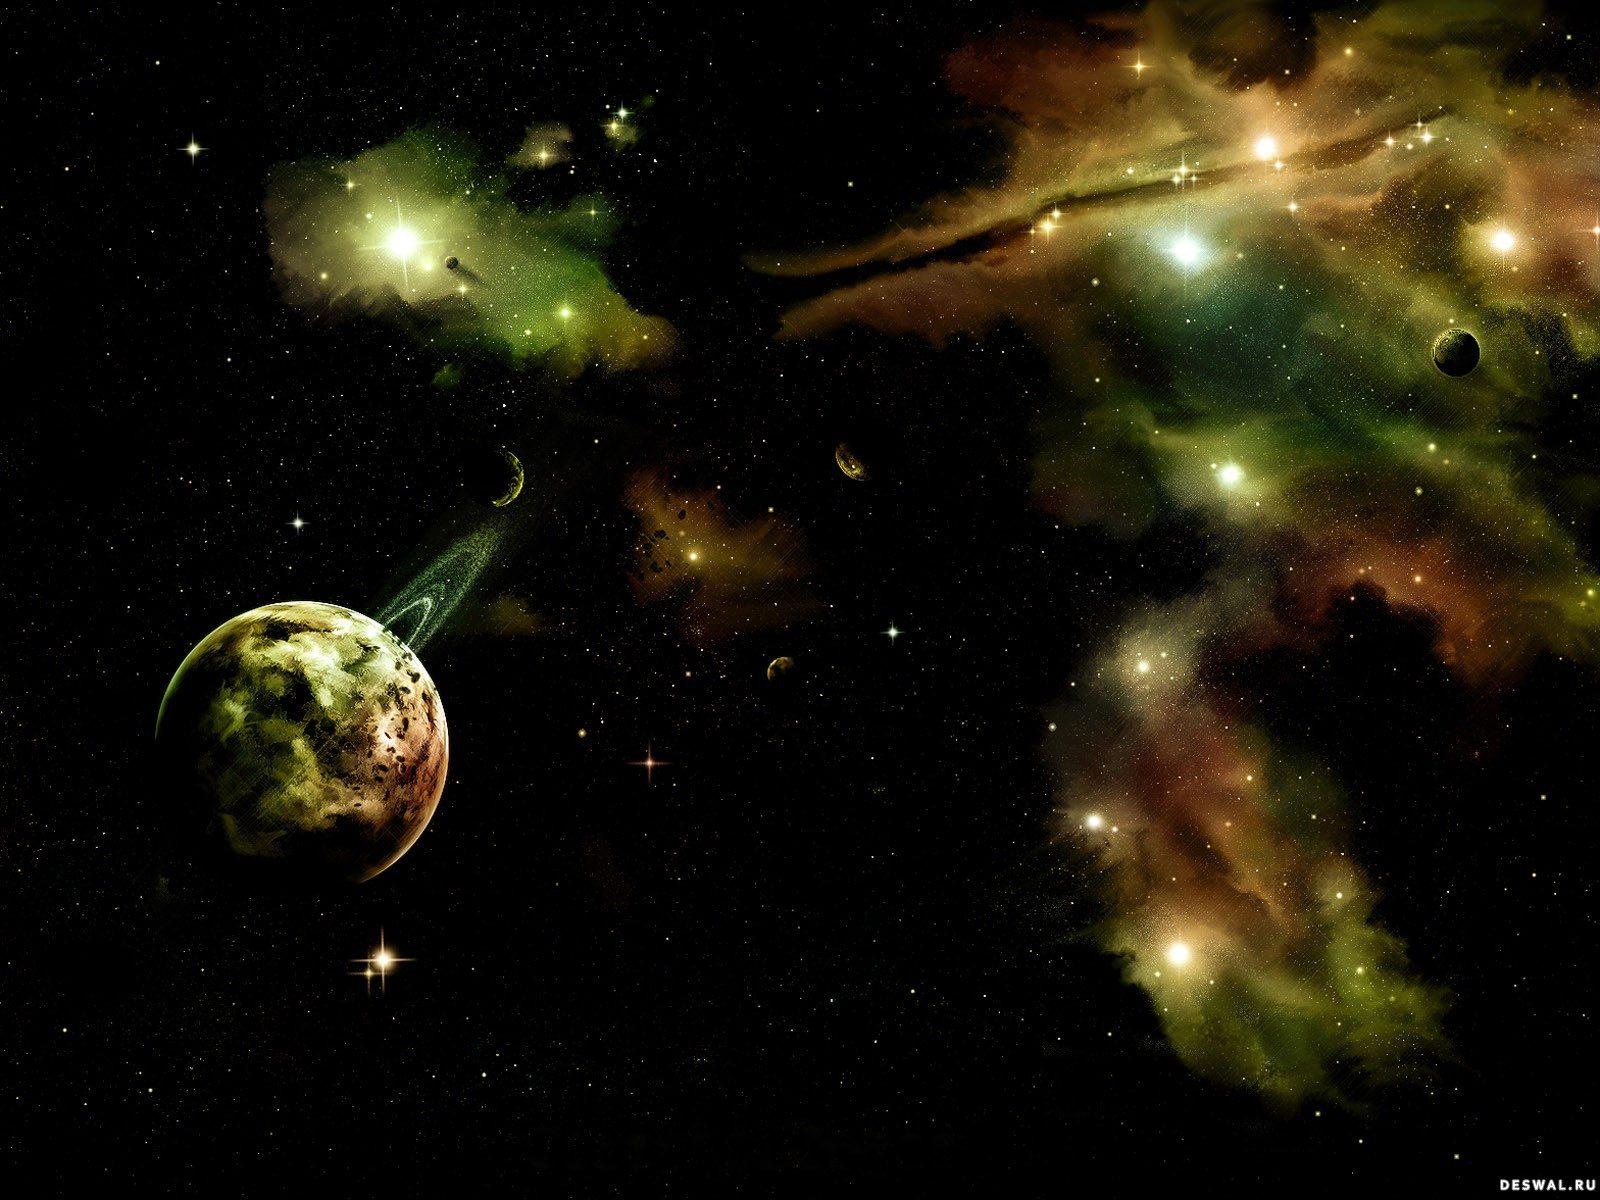 Фото 1.. Нажмите на картинку с обоями космоса, чтобы просмотреть ее в реальном размере